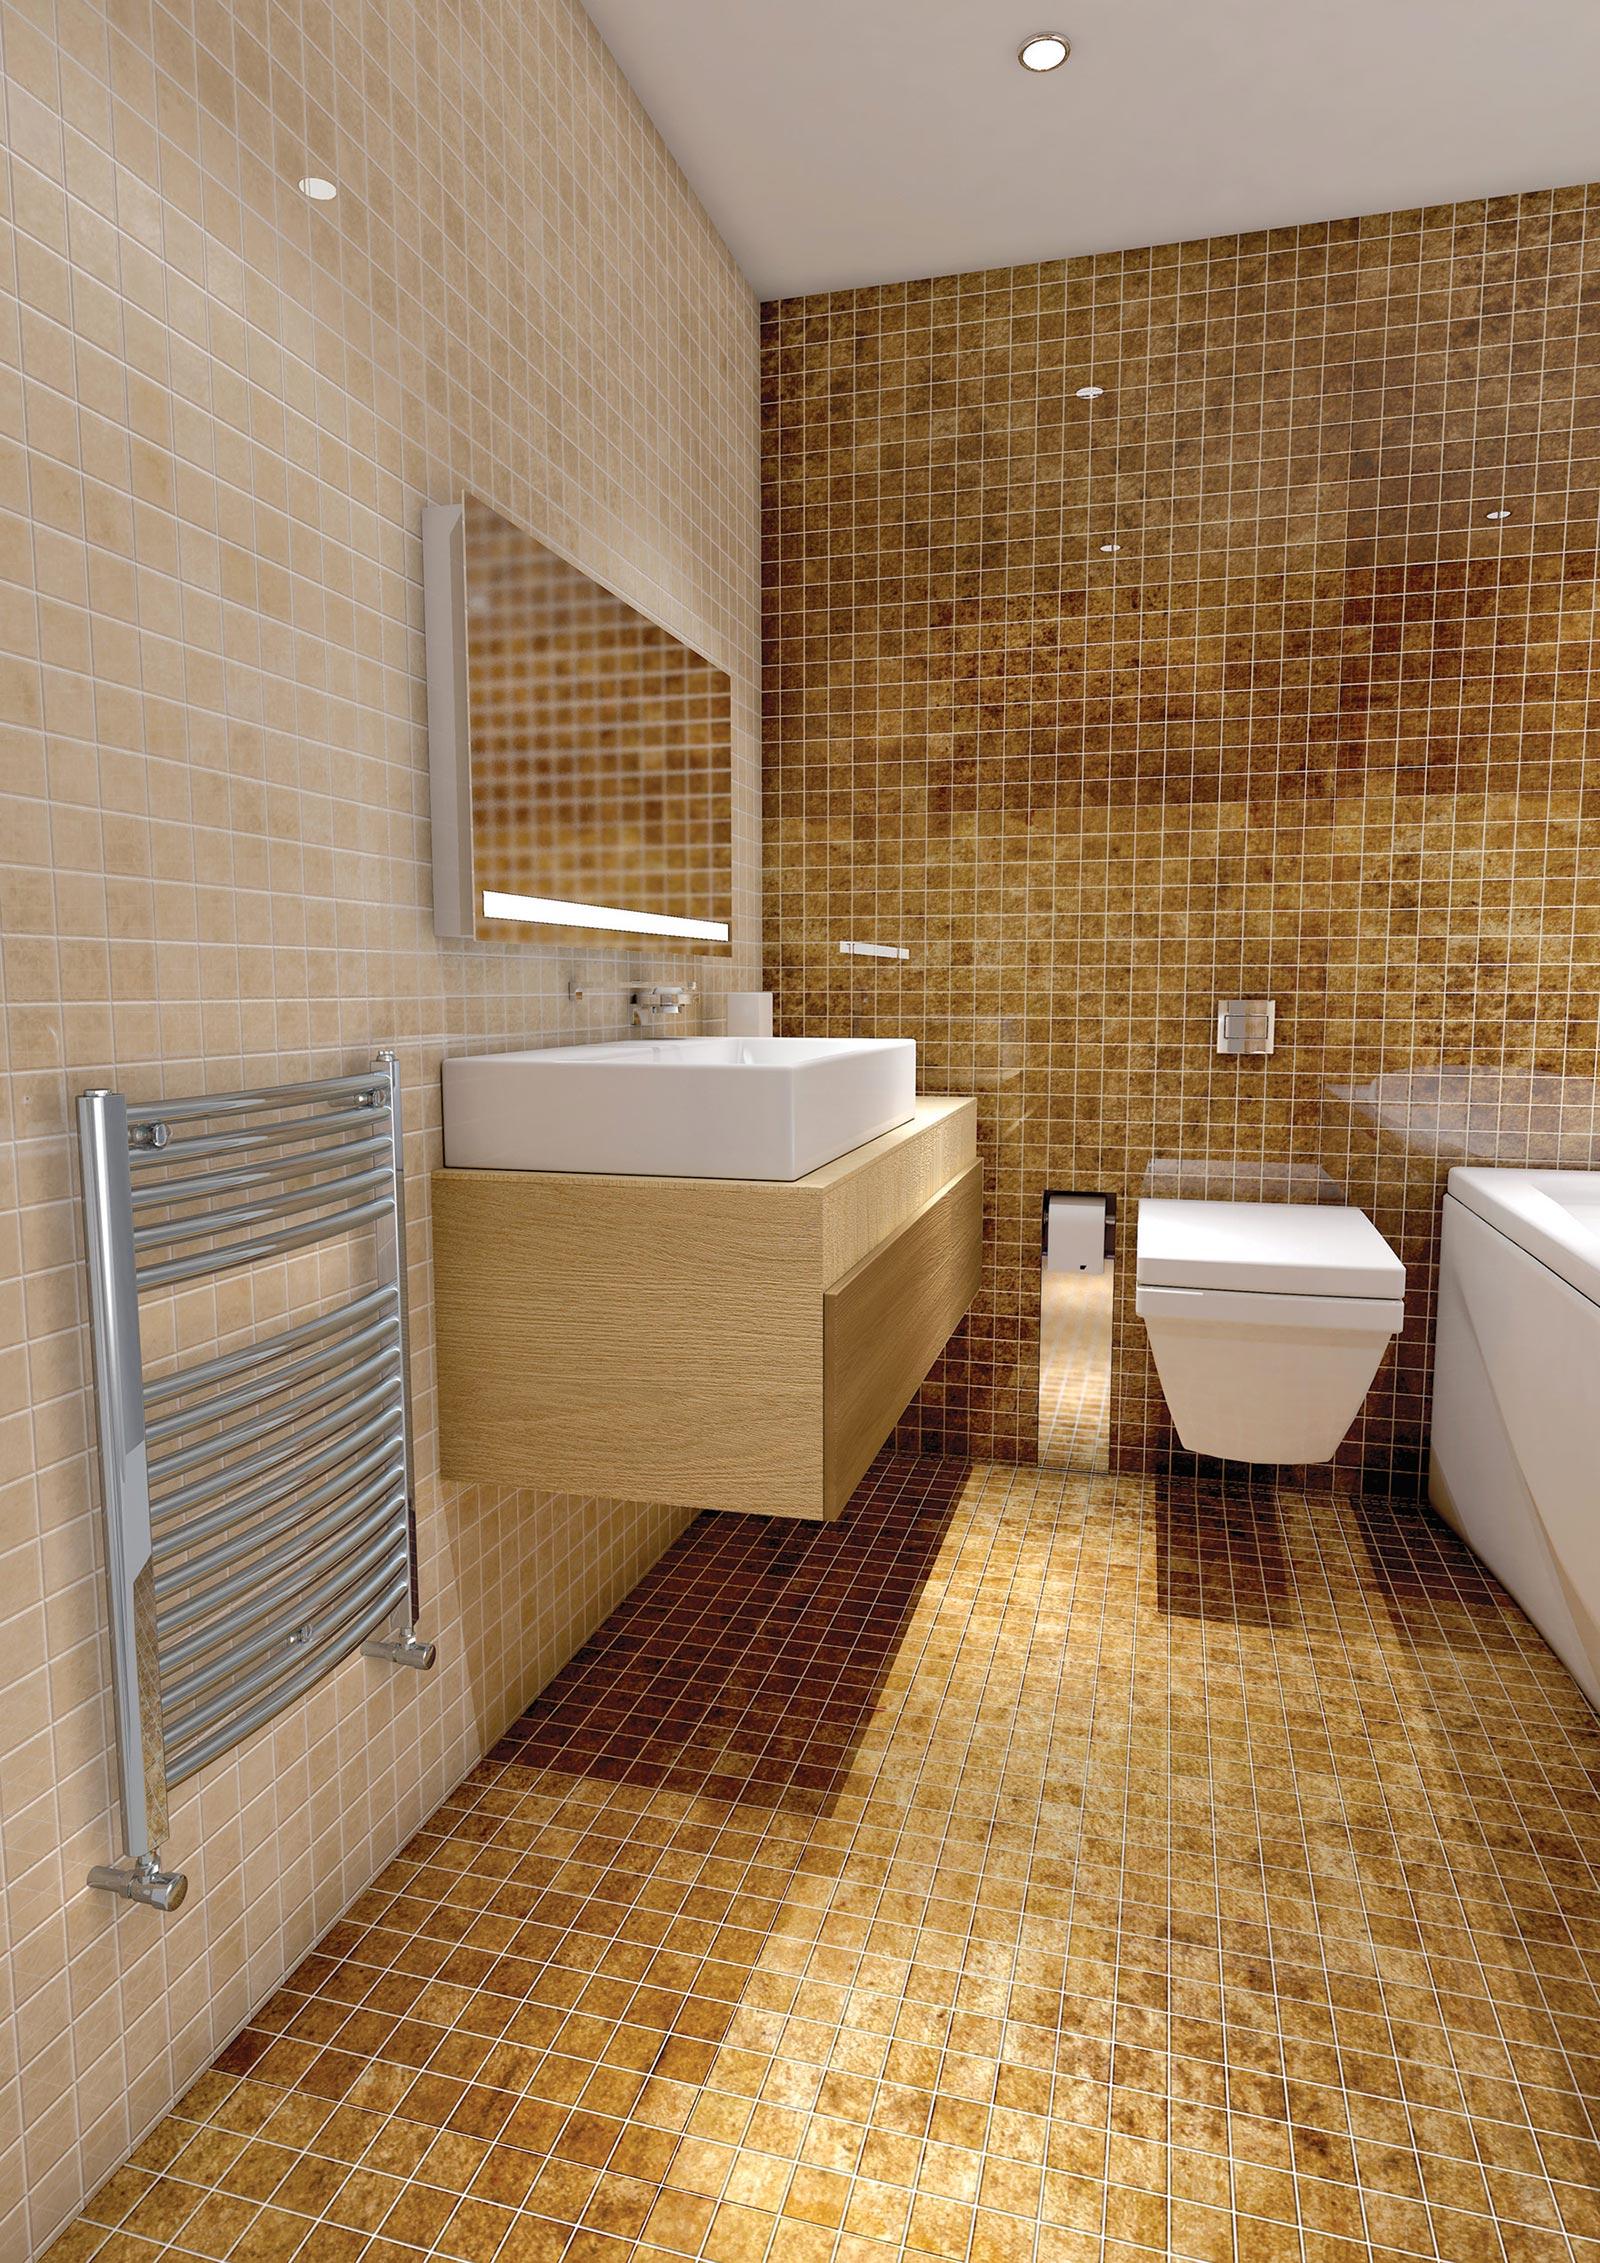 towel rail heated towel rail stelrad. Black Bedroom Furniture Sets. Home Design Ideas